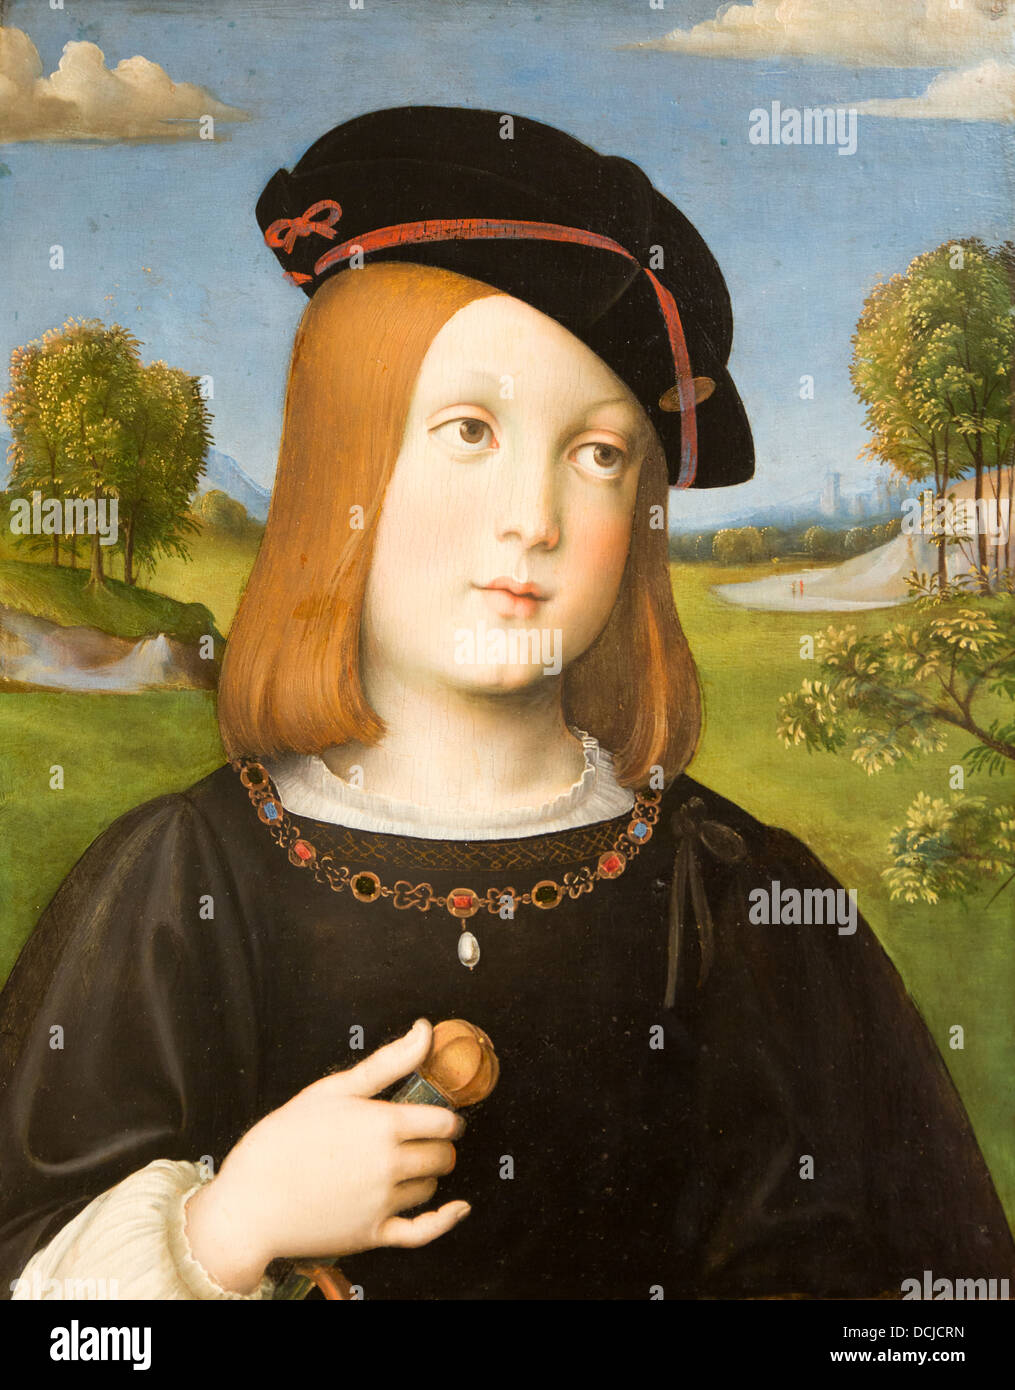 Xvi secolo - Frederigo Gonzaga, 1510 - Francesco Francia Philippe Sauvan-Magnet / Museo attivo Immagini Stock